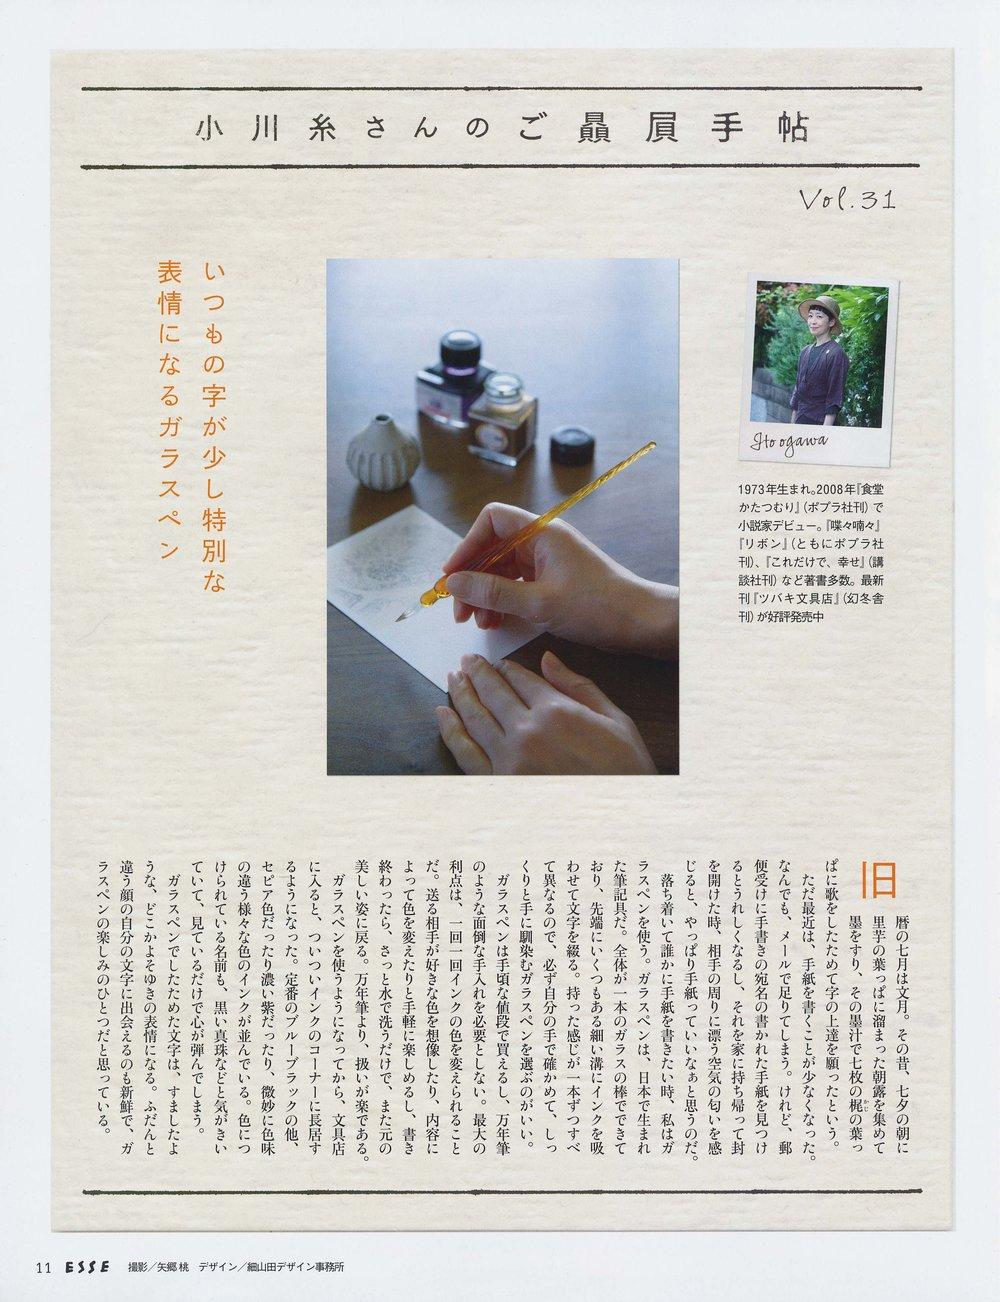 小川糸さん連載 vol.31 / 「ESSE」